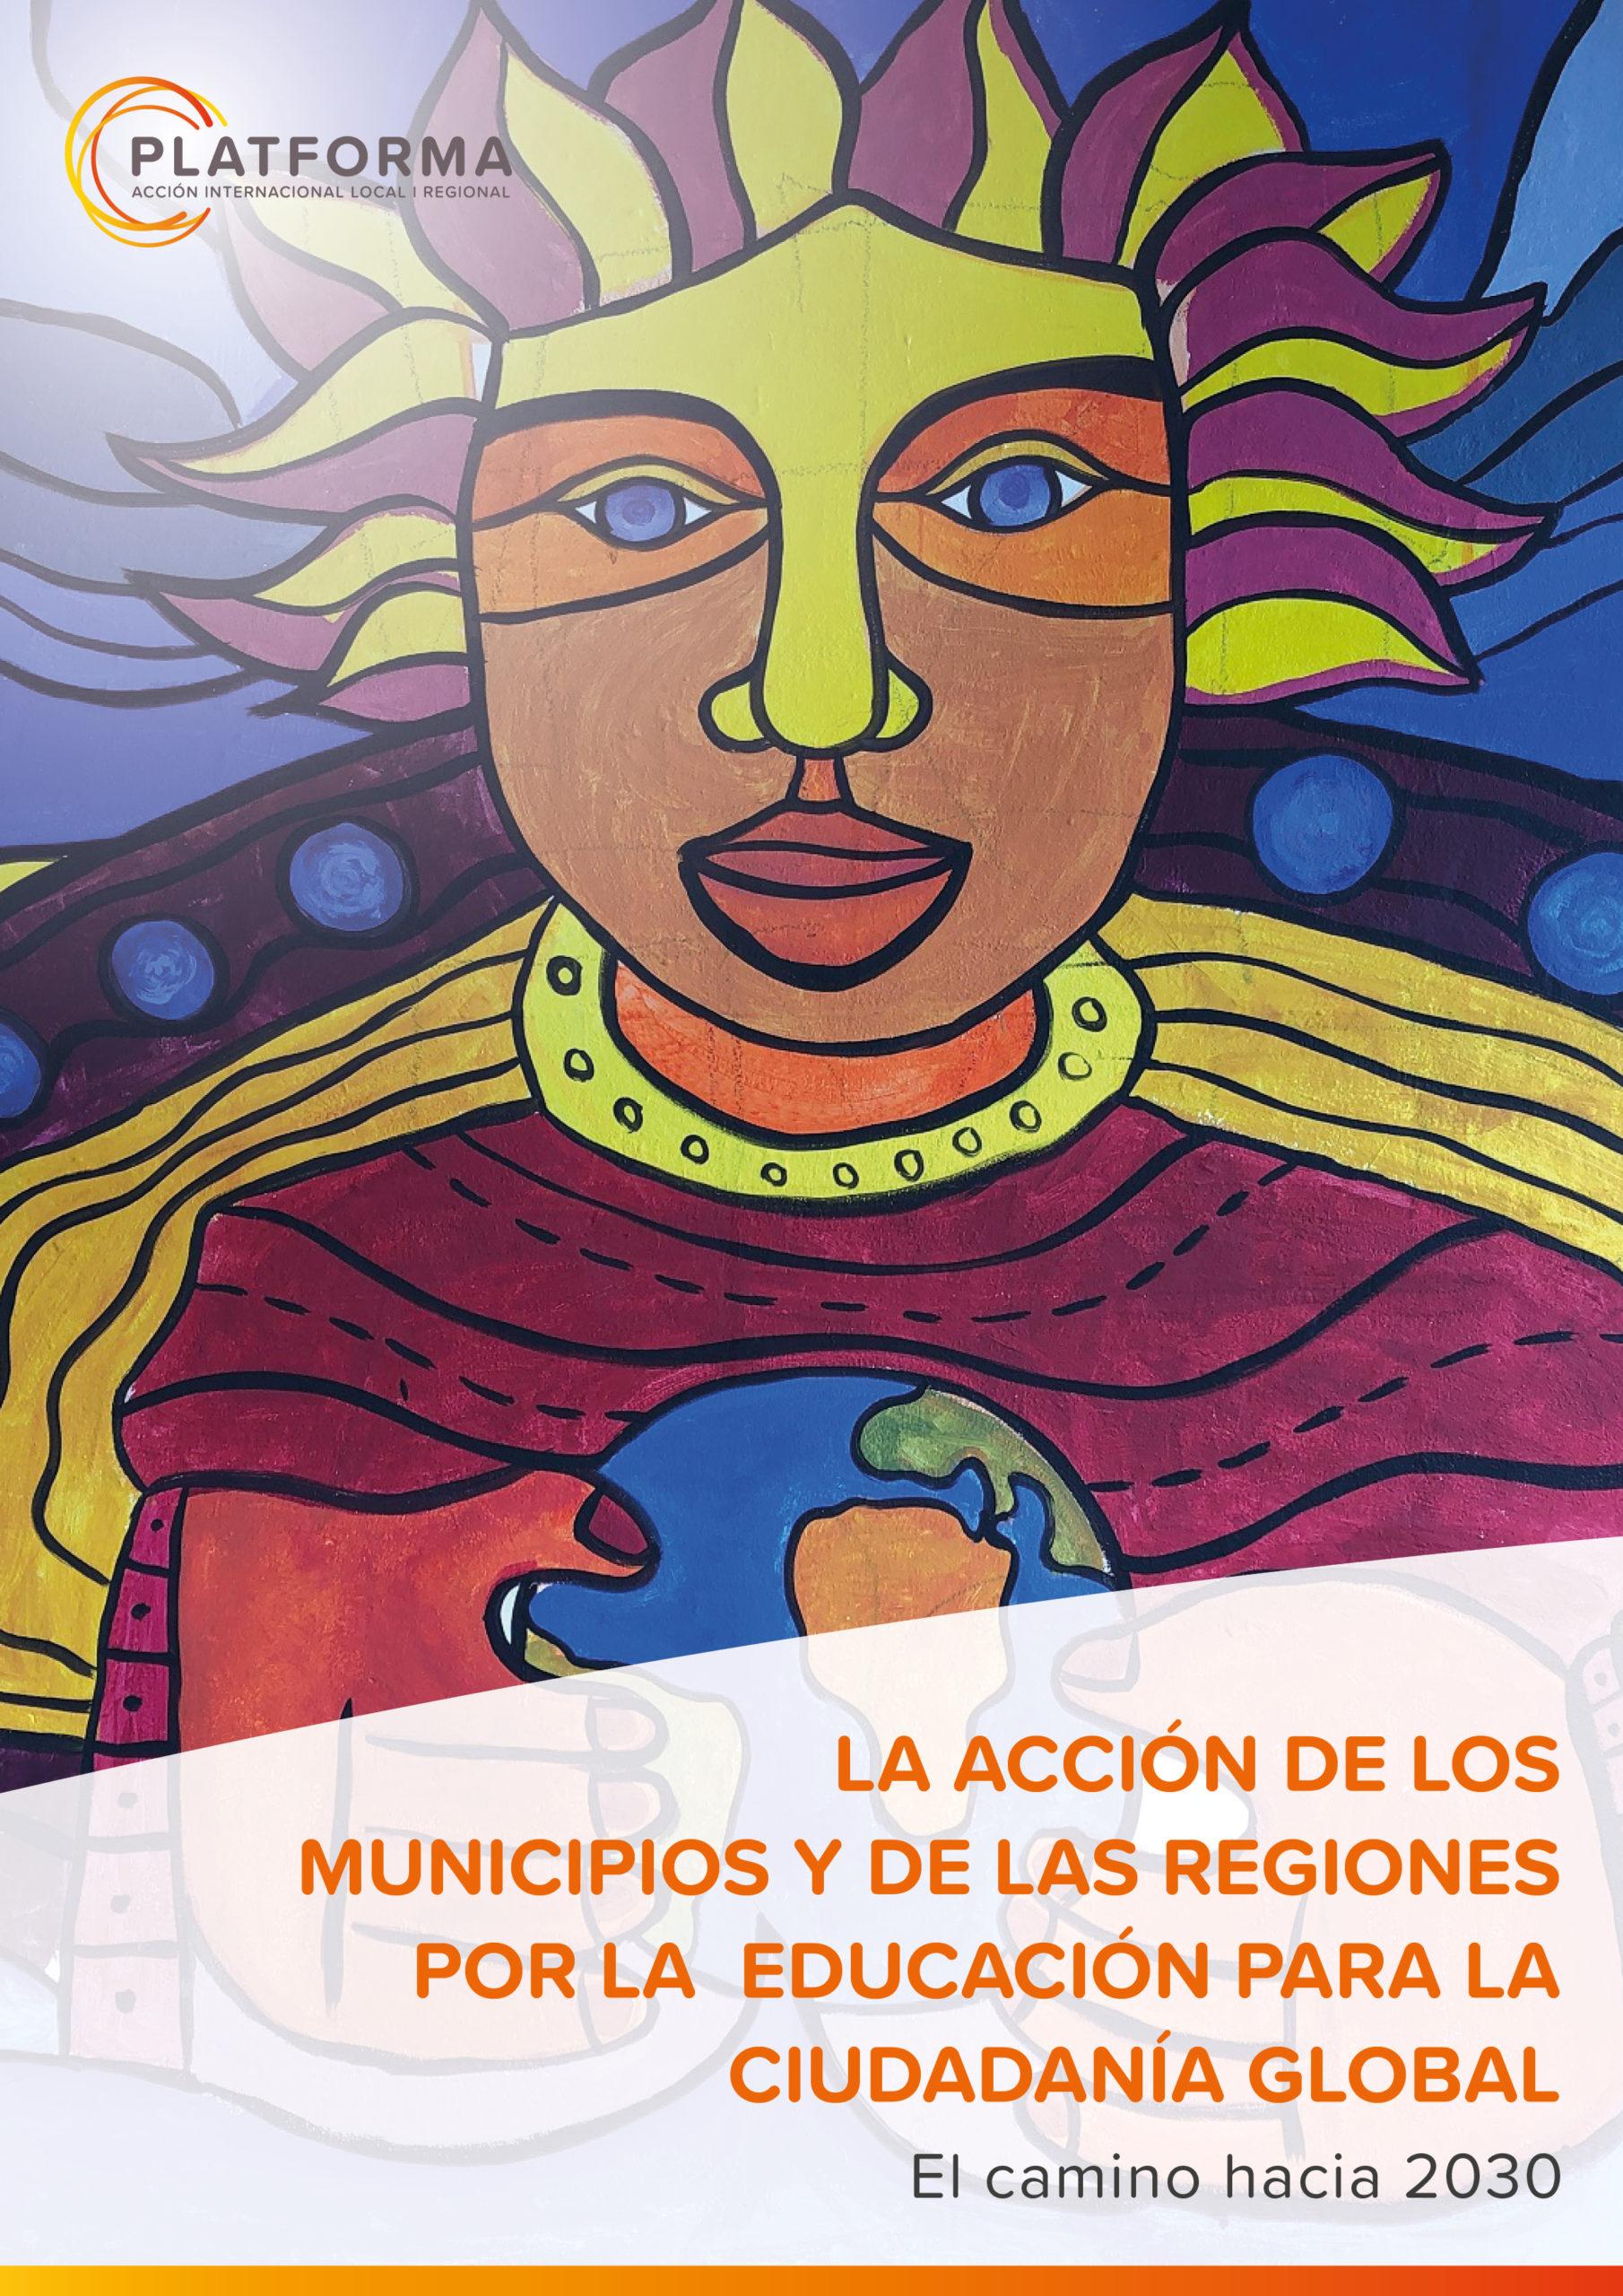 La acción de los municipios y de las regiones por la Educación para la Ciudadanía Global – El camino hacia 2030